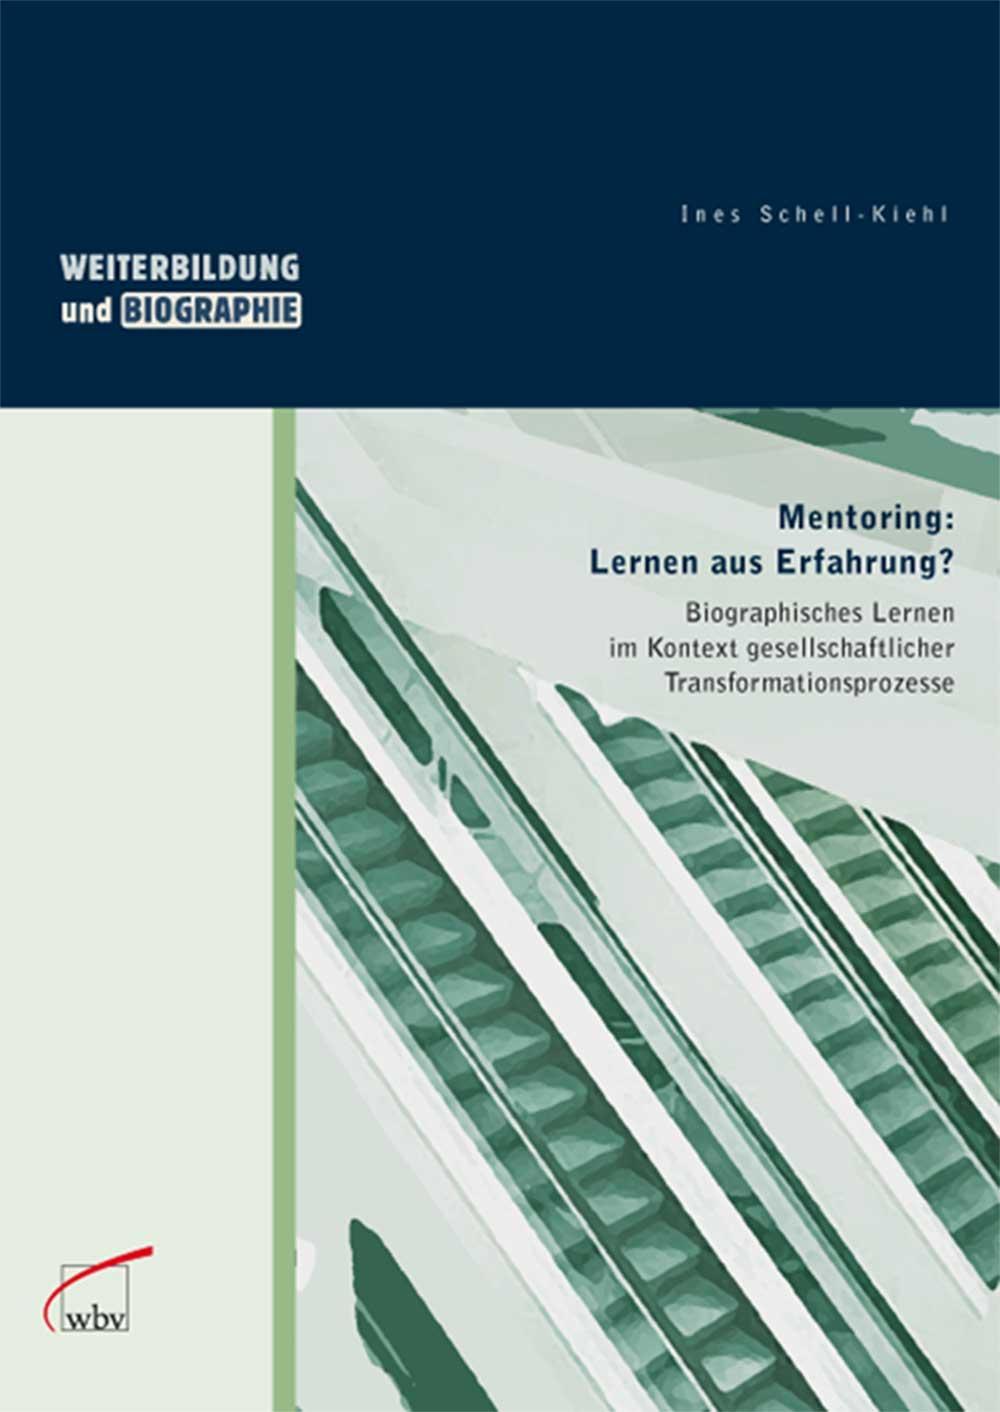 Mentoring: Lernen aus Erfahrung Biographisches Lernen im Kontext gesellschaftlicher Transformationsprozesse